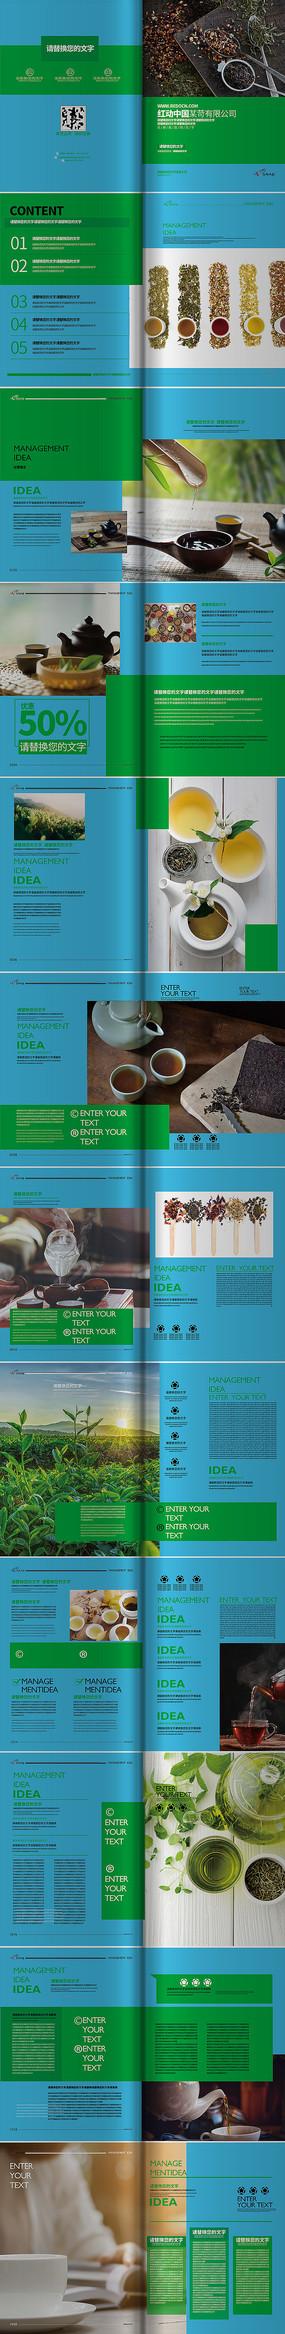 简约时尚茶饮画册设计模板